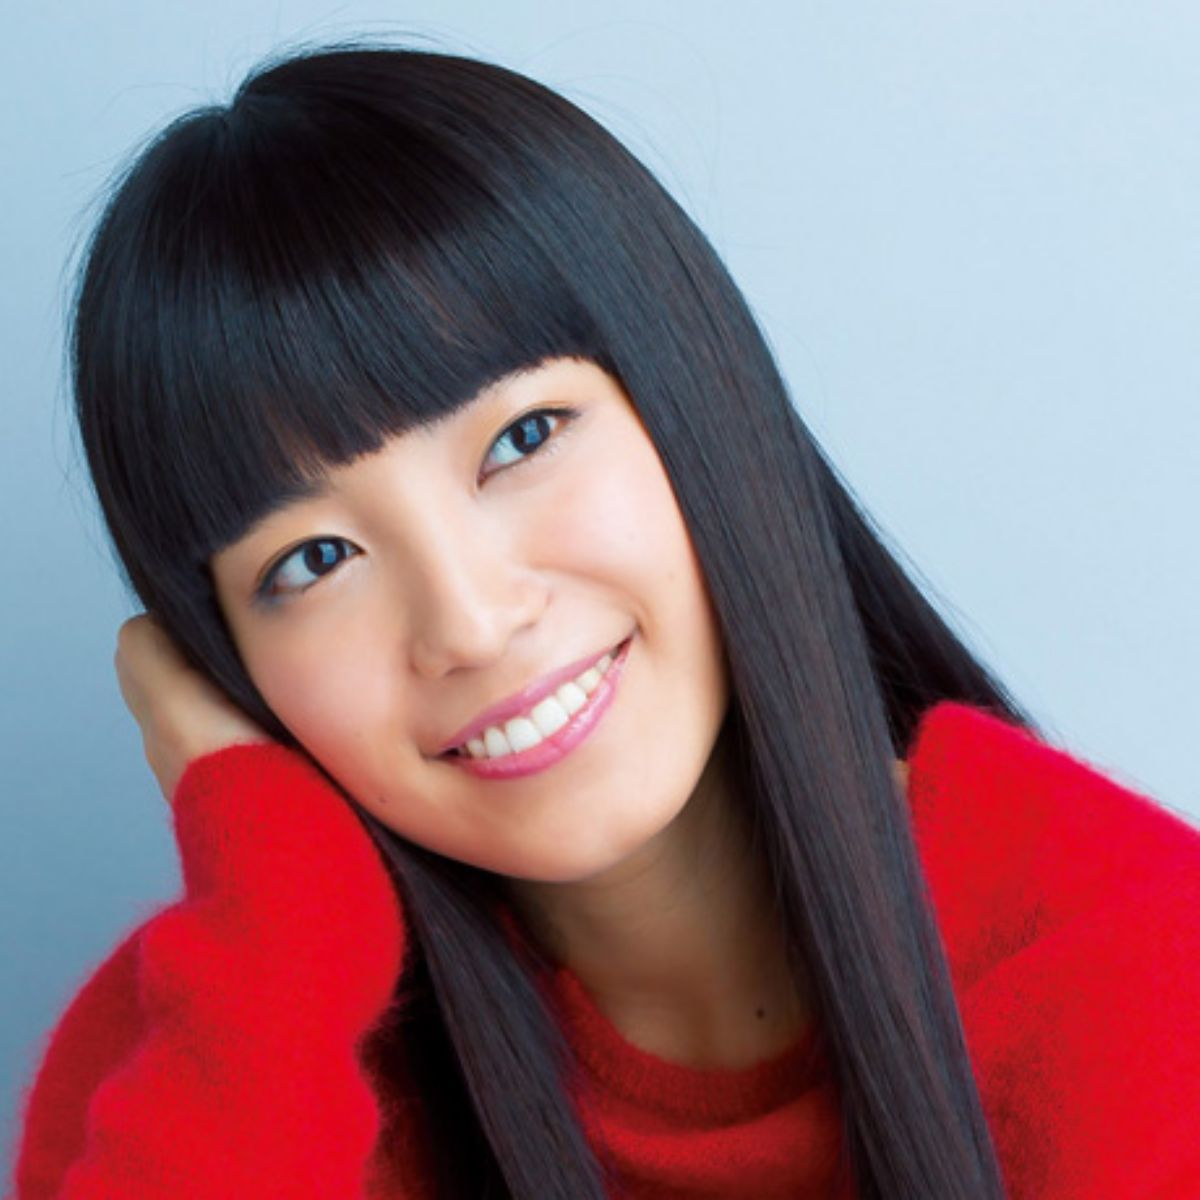 miwaのシングル曲人気ランキングTOP3を発表!気になる1位はどの曲?のサムネイル画像